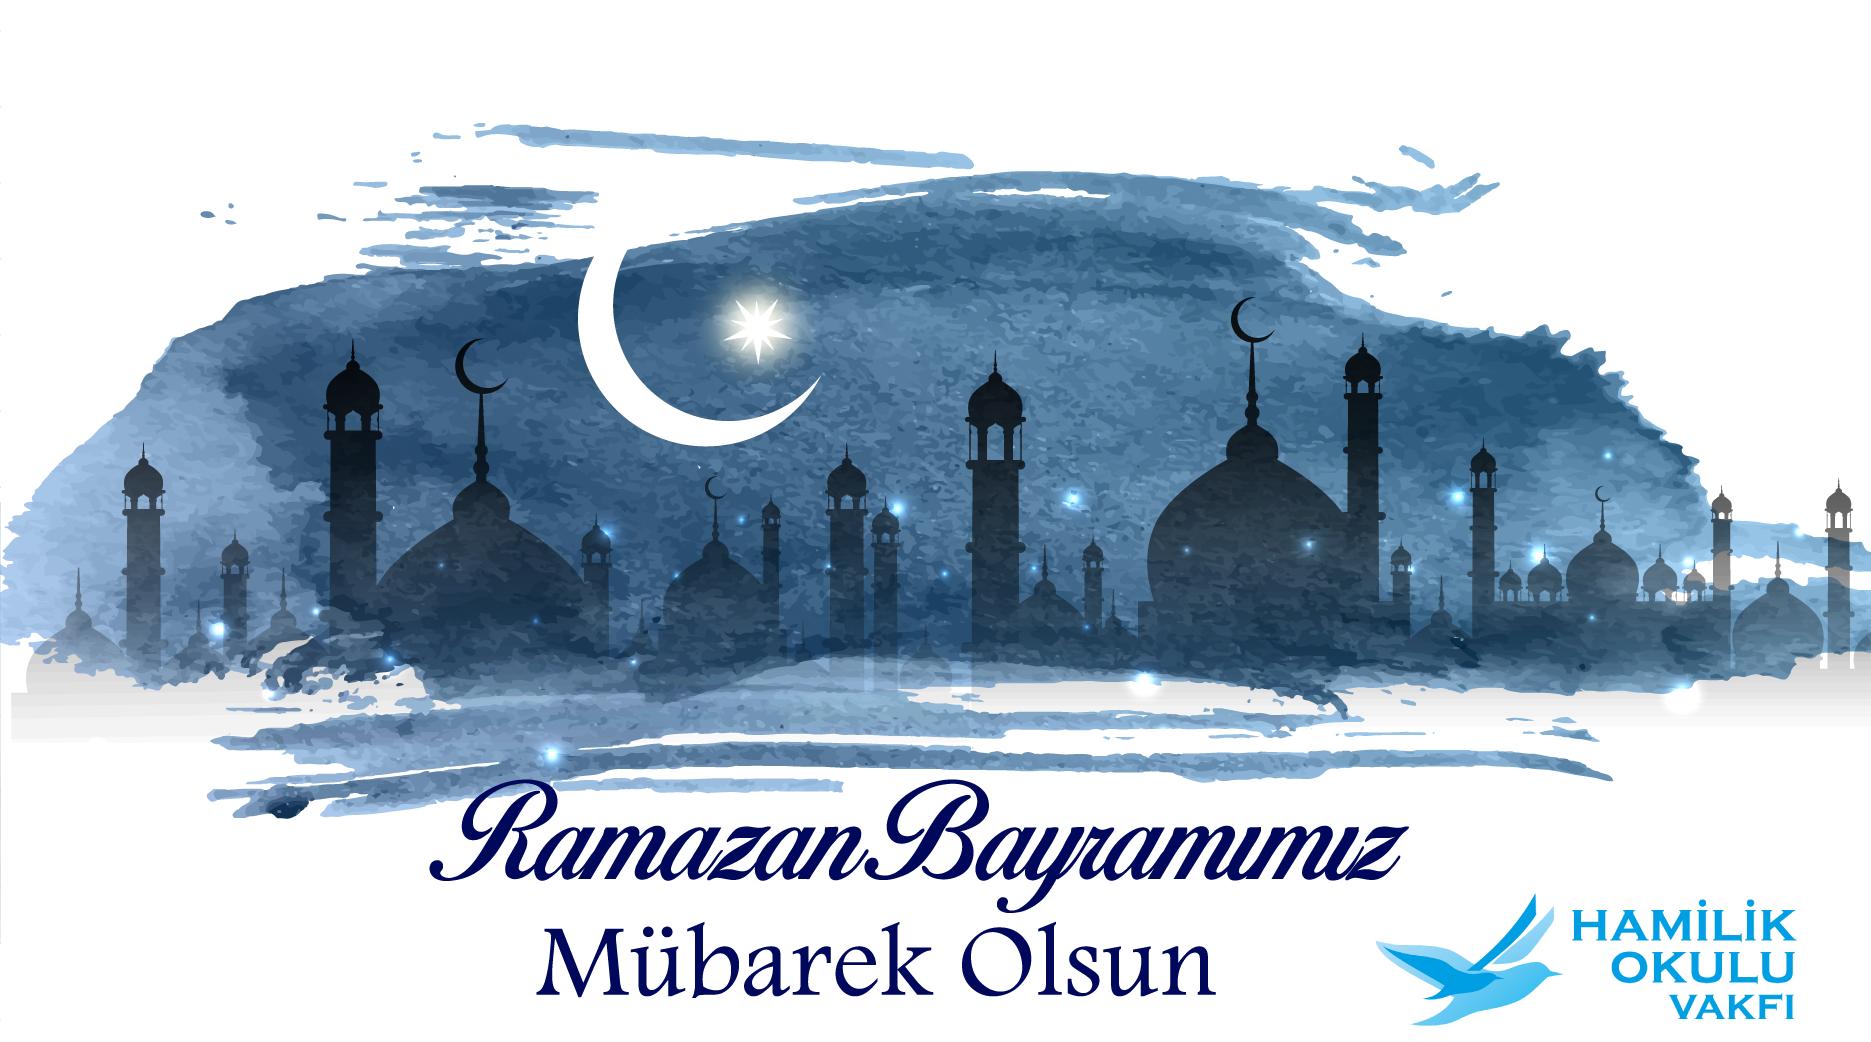 Ramazan Bayramımız Mübarek Olsun! post thumbnail